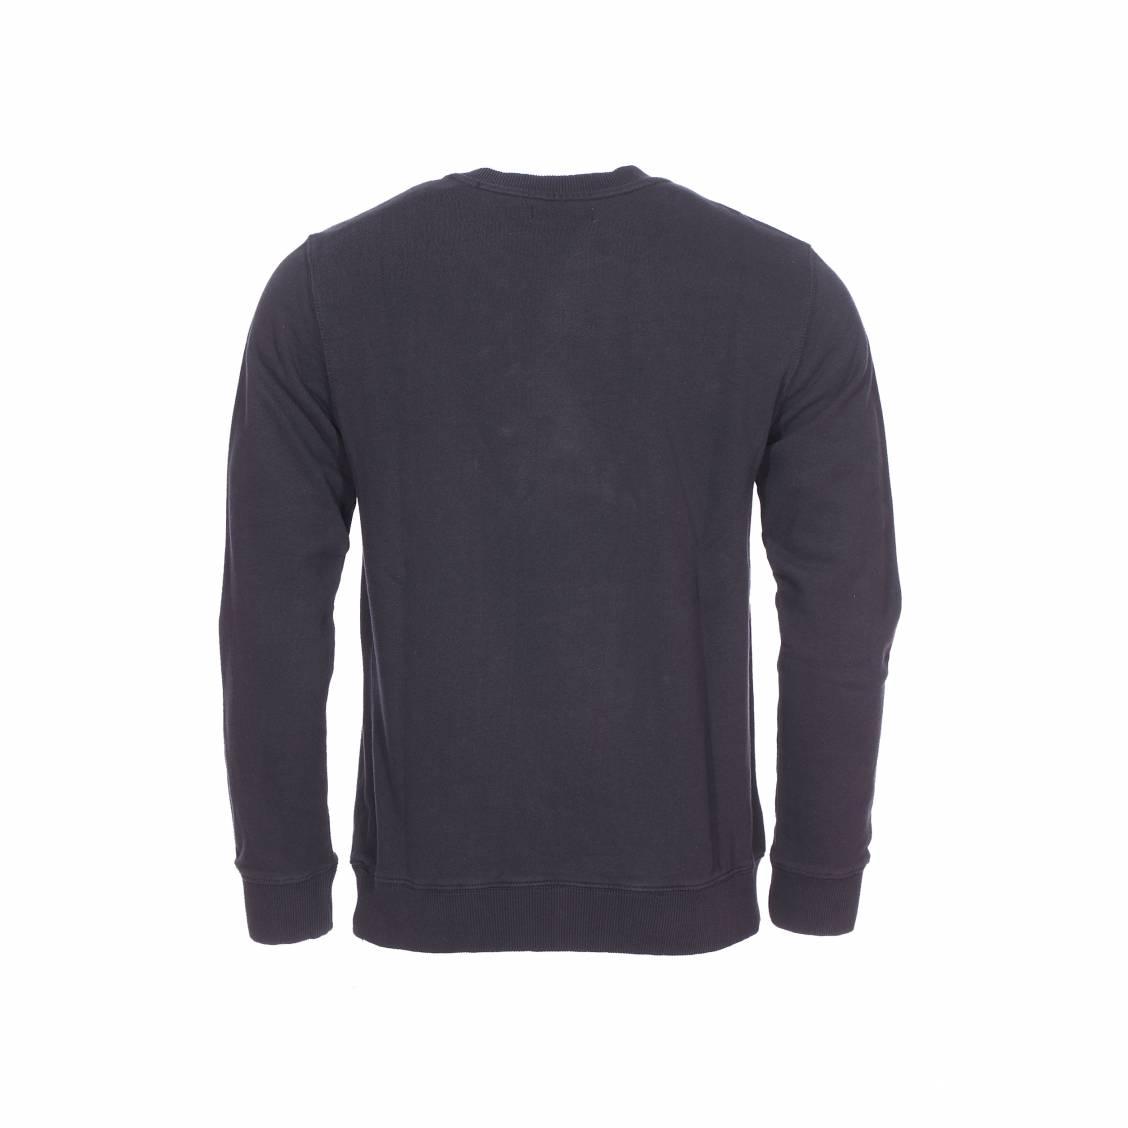 Jeu Bonne Vente Sweat-shirt à grand logo brodé - Noir - NoirCalvin Klein Bas Prix Pas Cher En Ligne yNWmTH